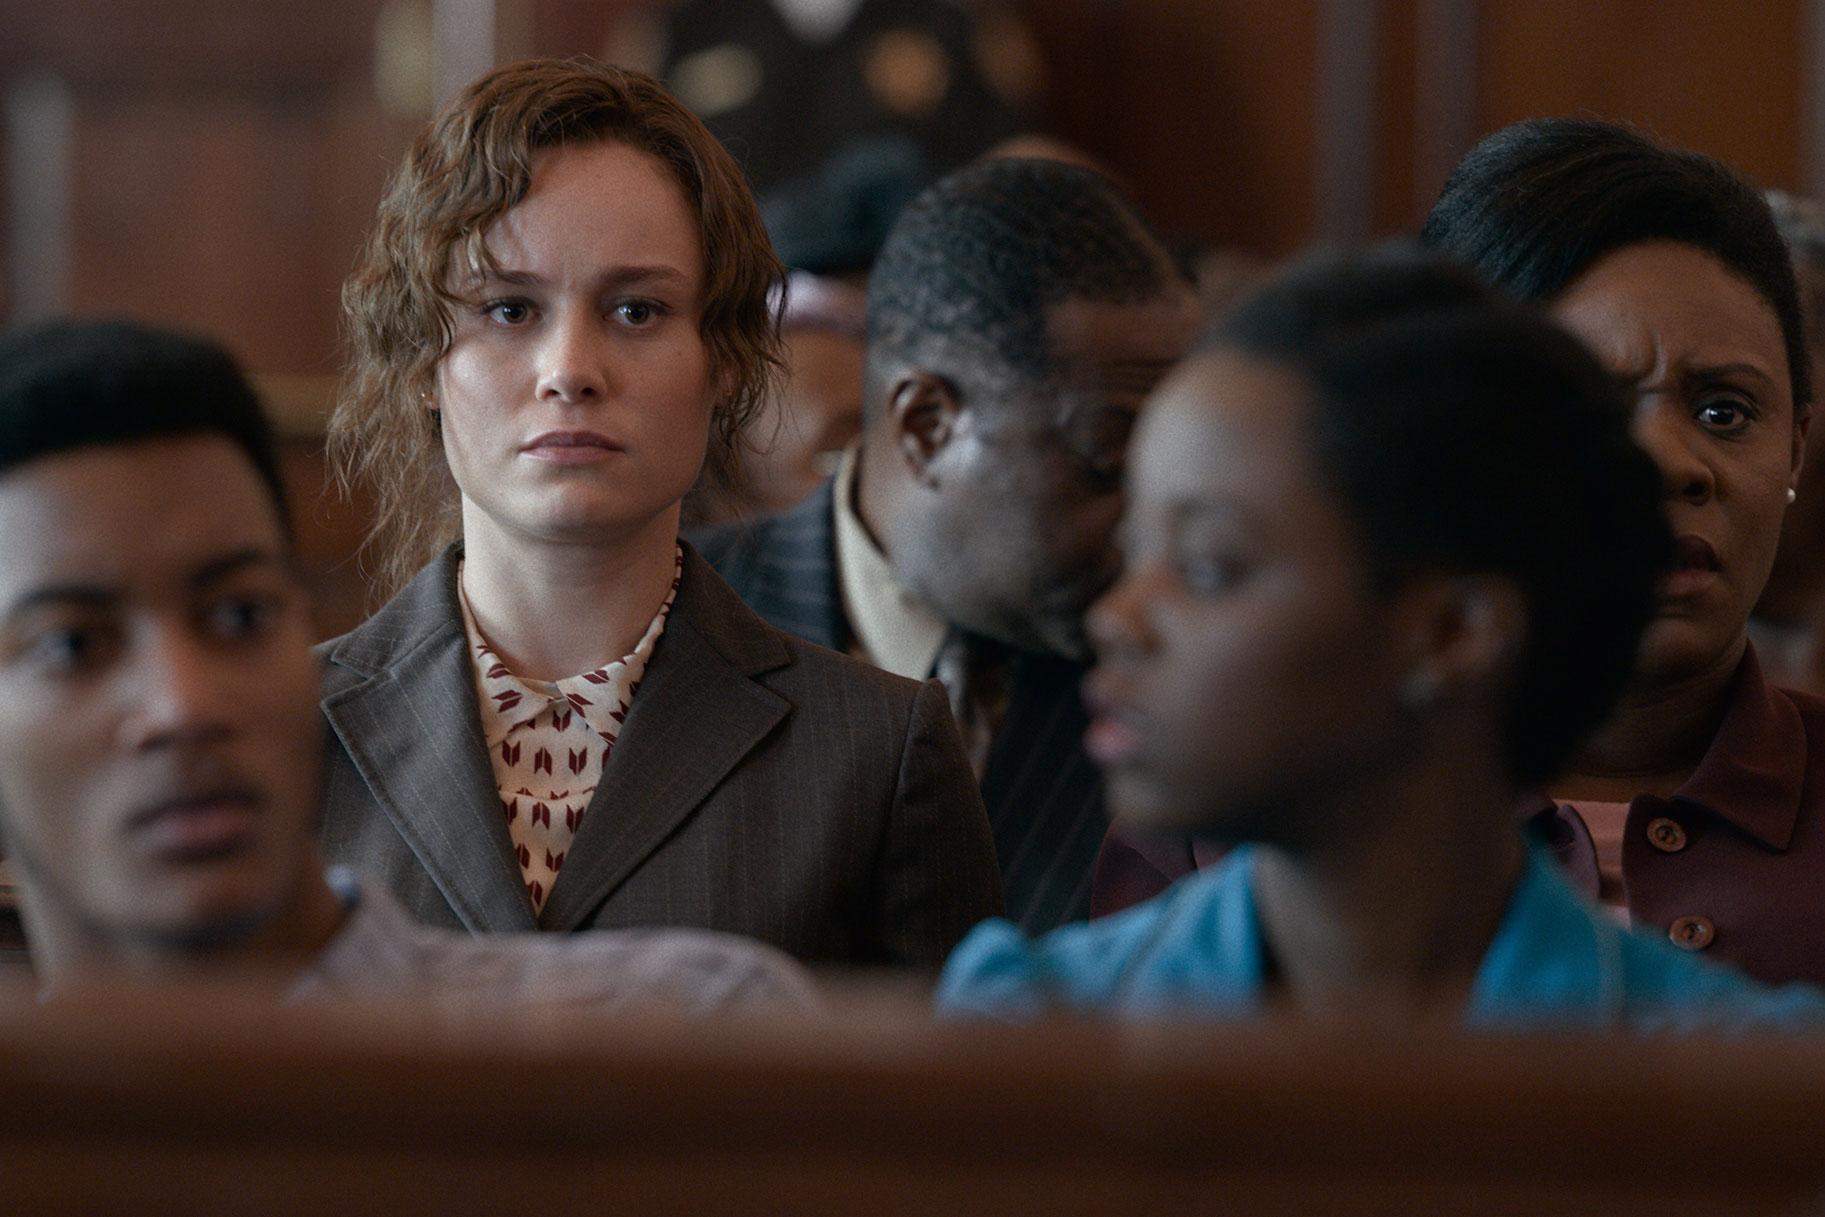 Ο χαρακτήρας της Brie Larson στο 'Just Mercy' βασίζεται σε πραγματικό πρόσωπο;